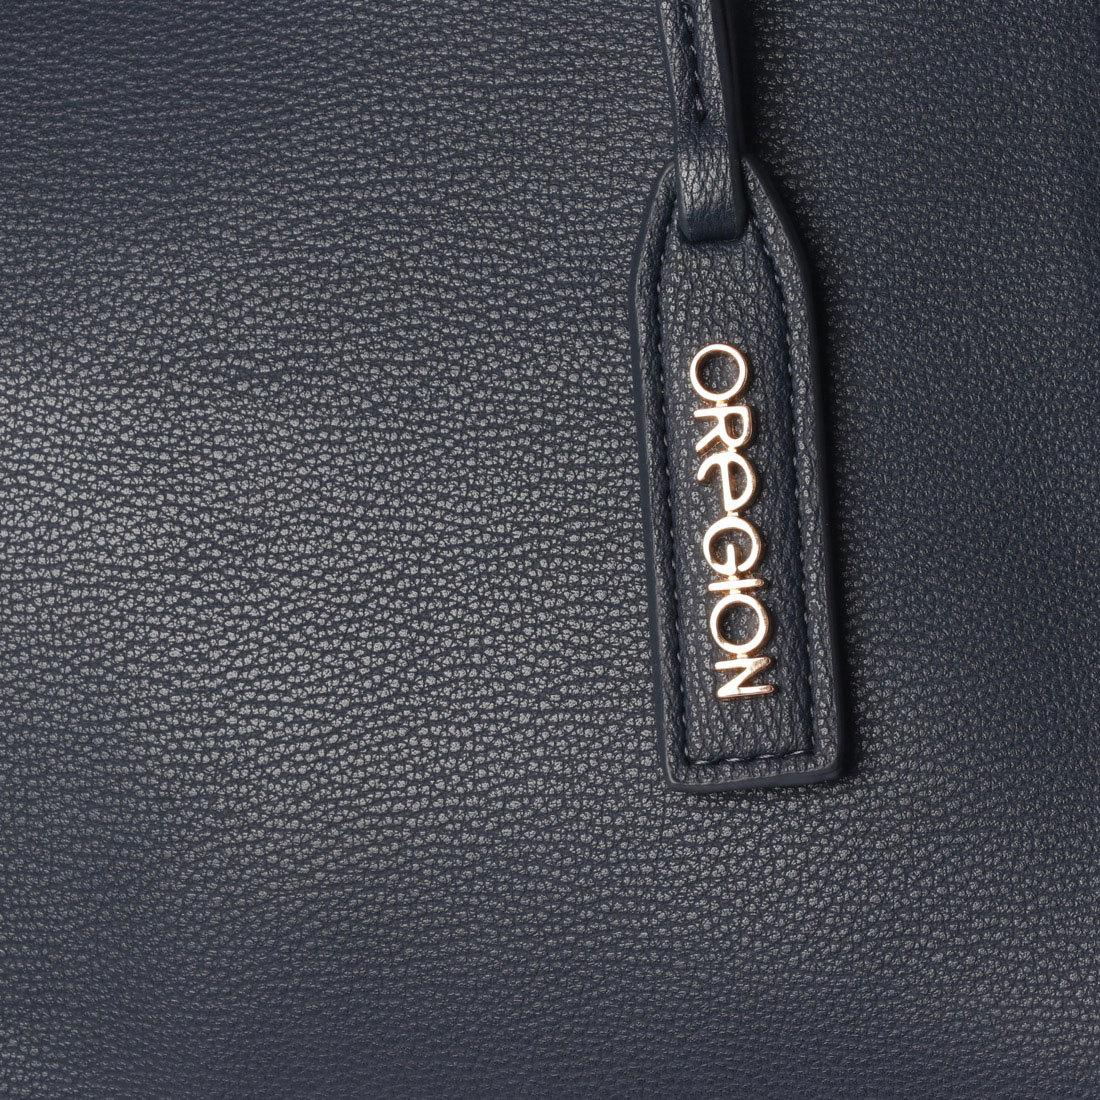 【70%OFFセール品】OREGION マリー 2WAYハンドバッグ